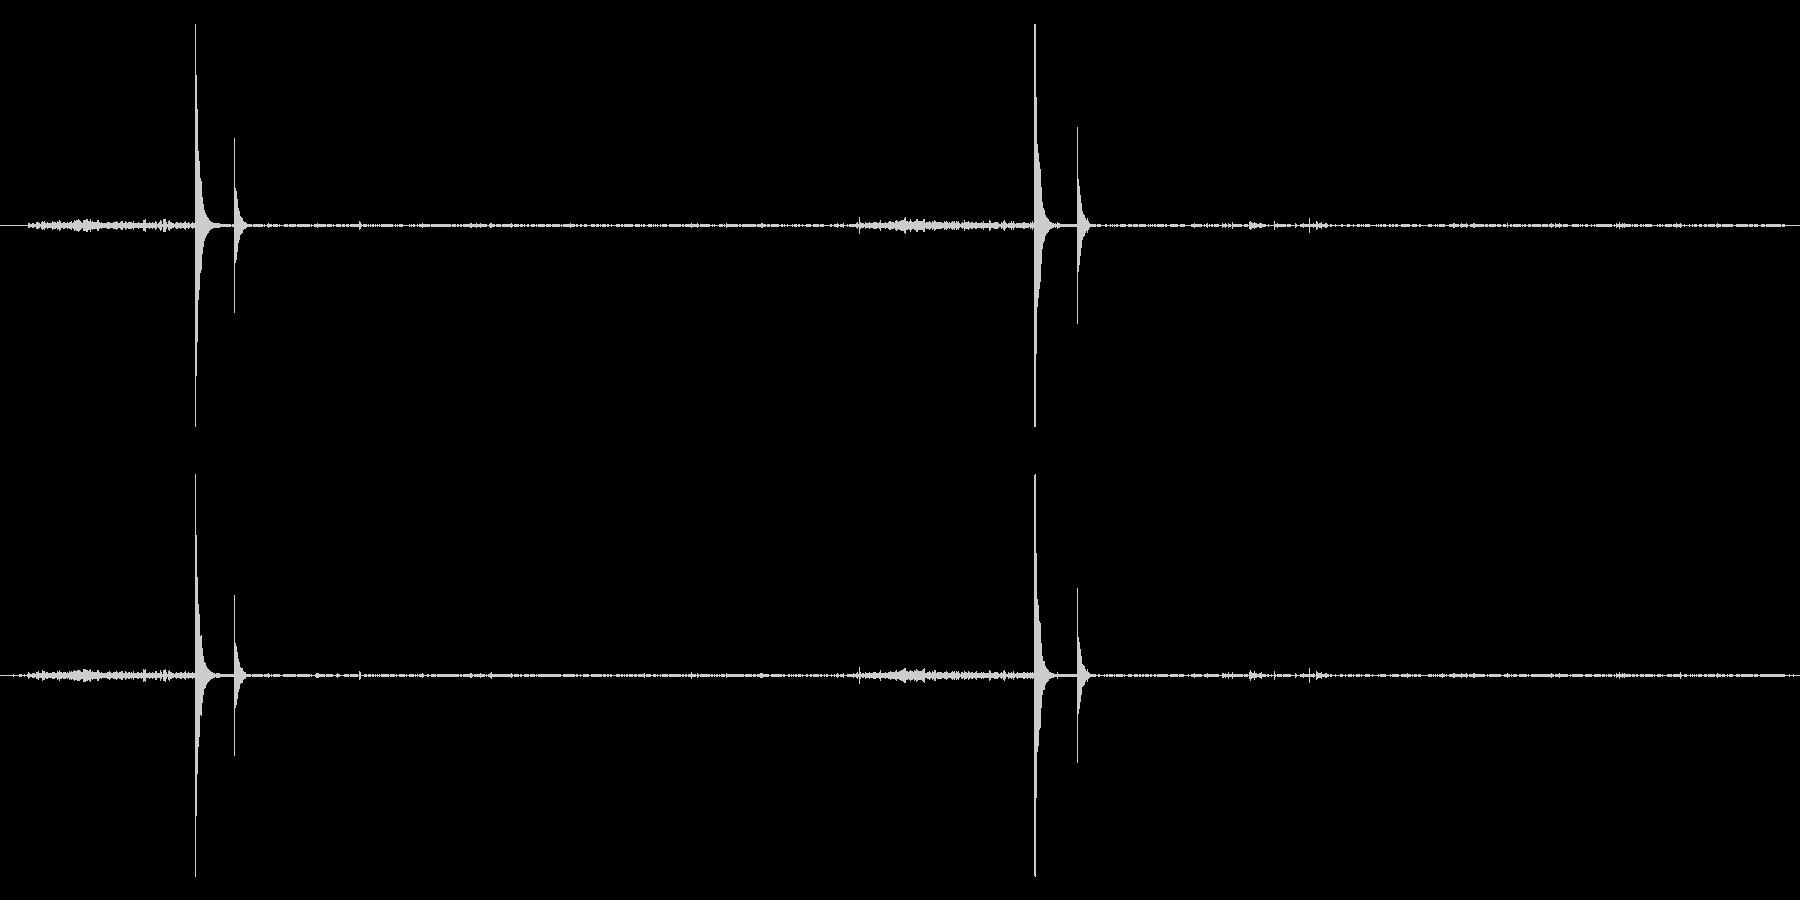 鹿威し(ししおどし)の音の未再生の波形